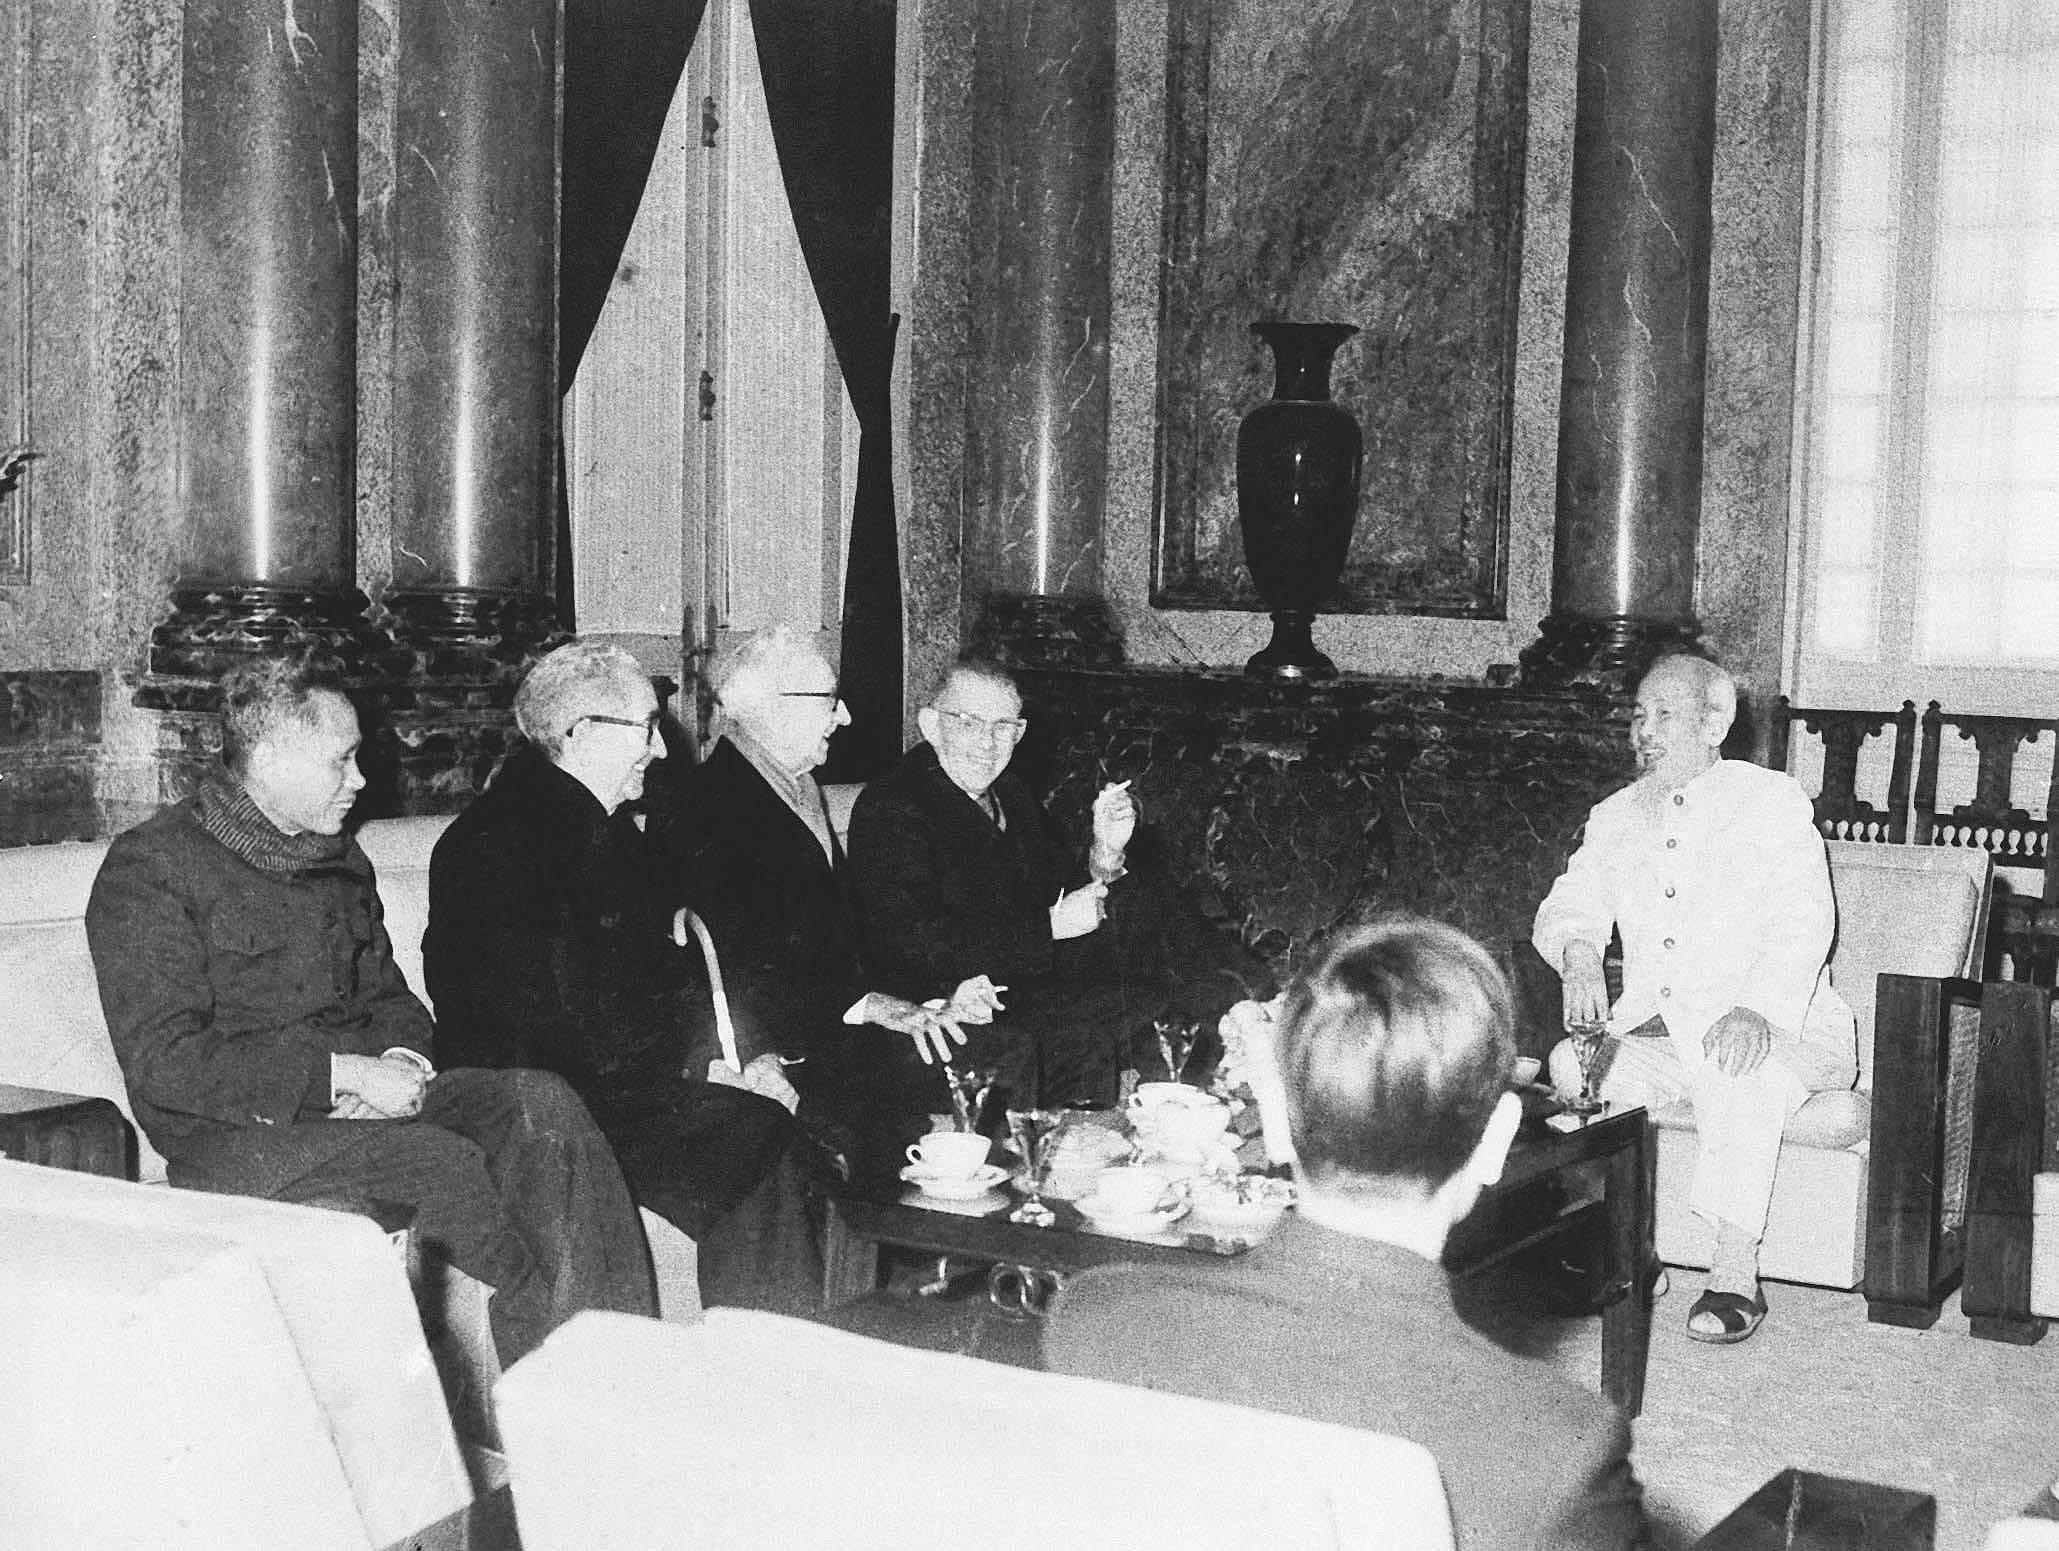 131 год со дня рождения президента Хо Ши Мина (19 мая 1890 г. - 19 мая 2021 г.): эпоха Хо Ши Мина hinh anh 19